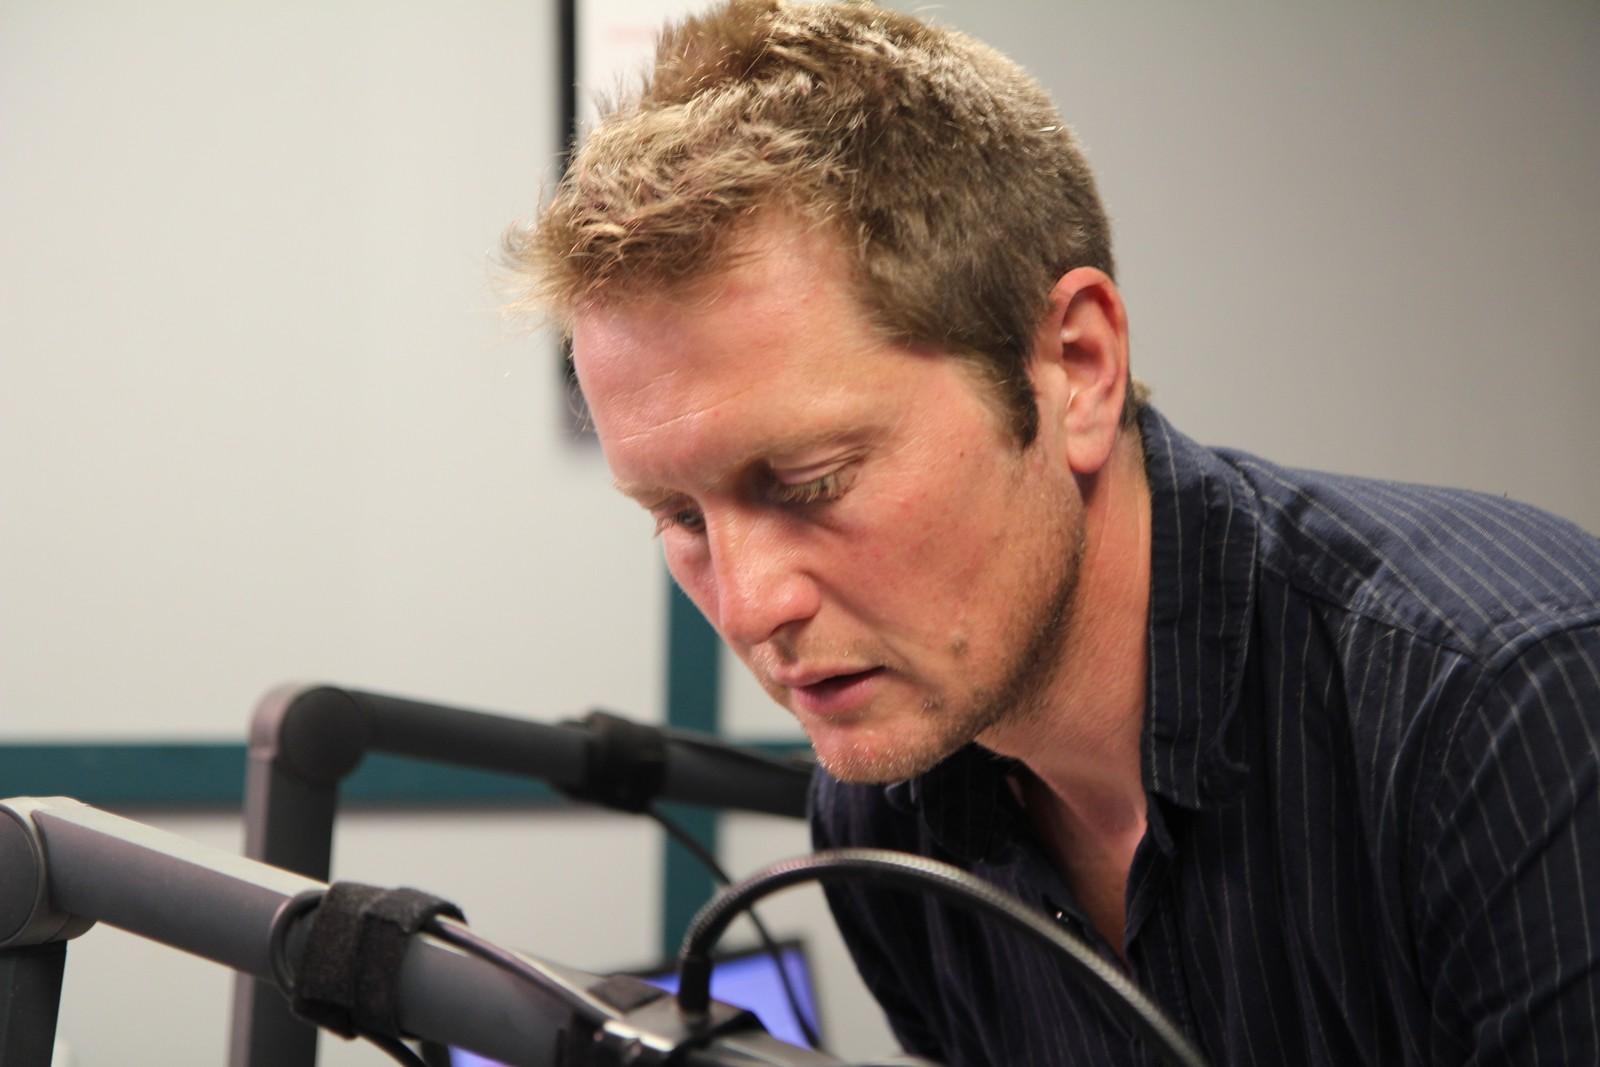 Johan Mihle Laugaland har sammen med makker Ellingsen sendt radio 24 timer i strekk.